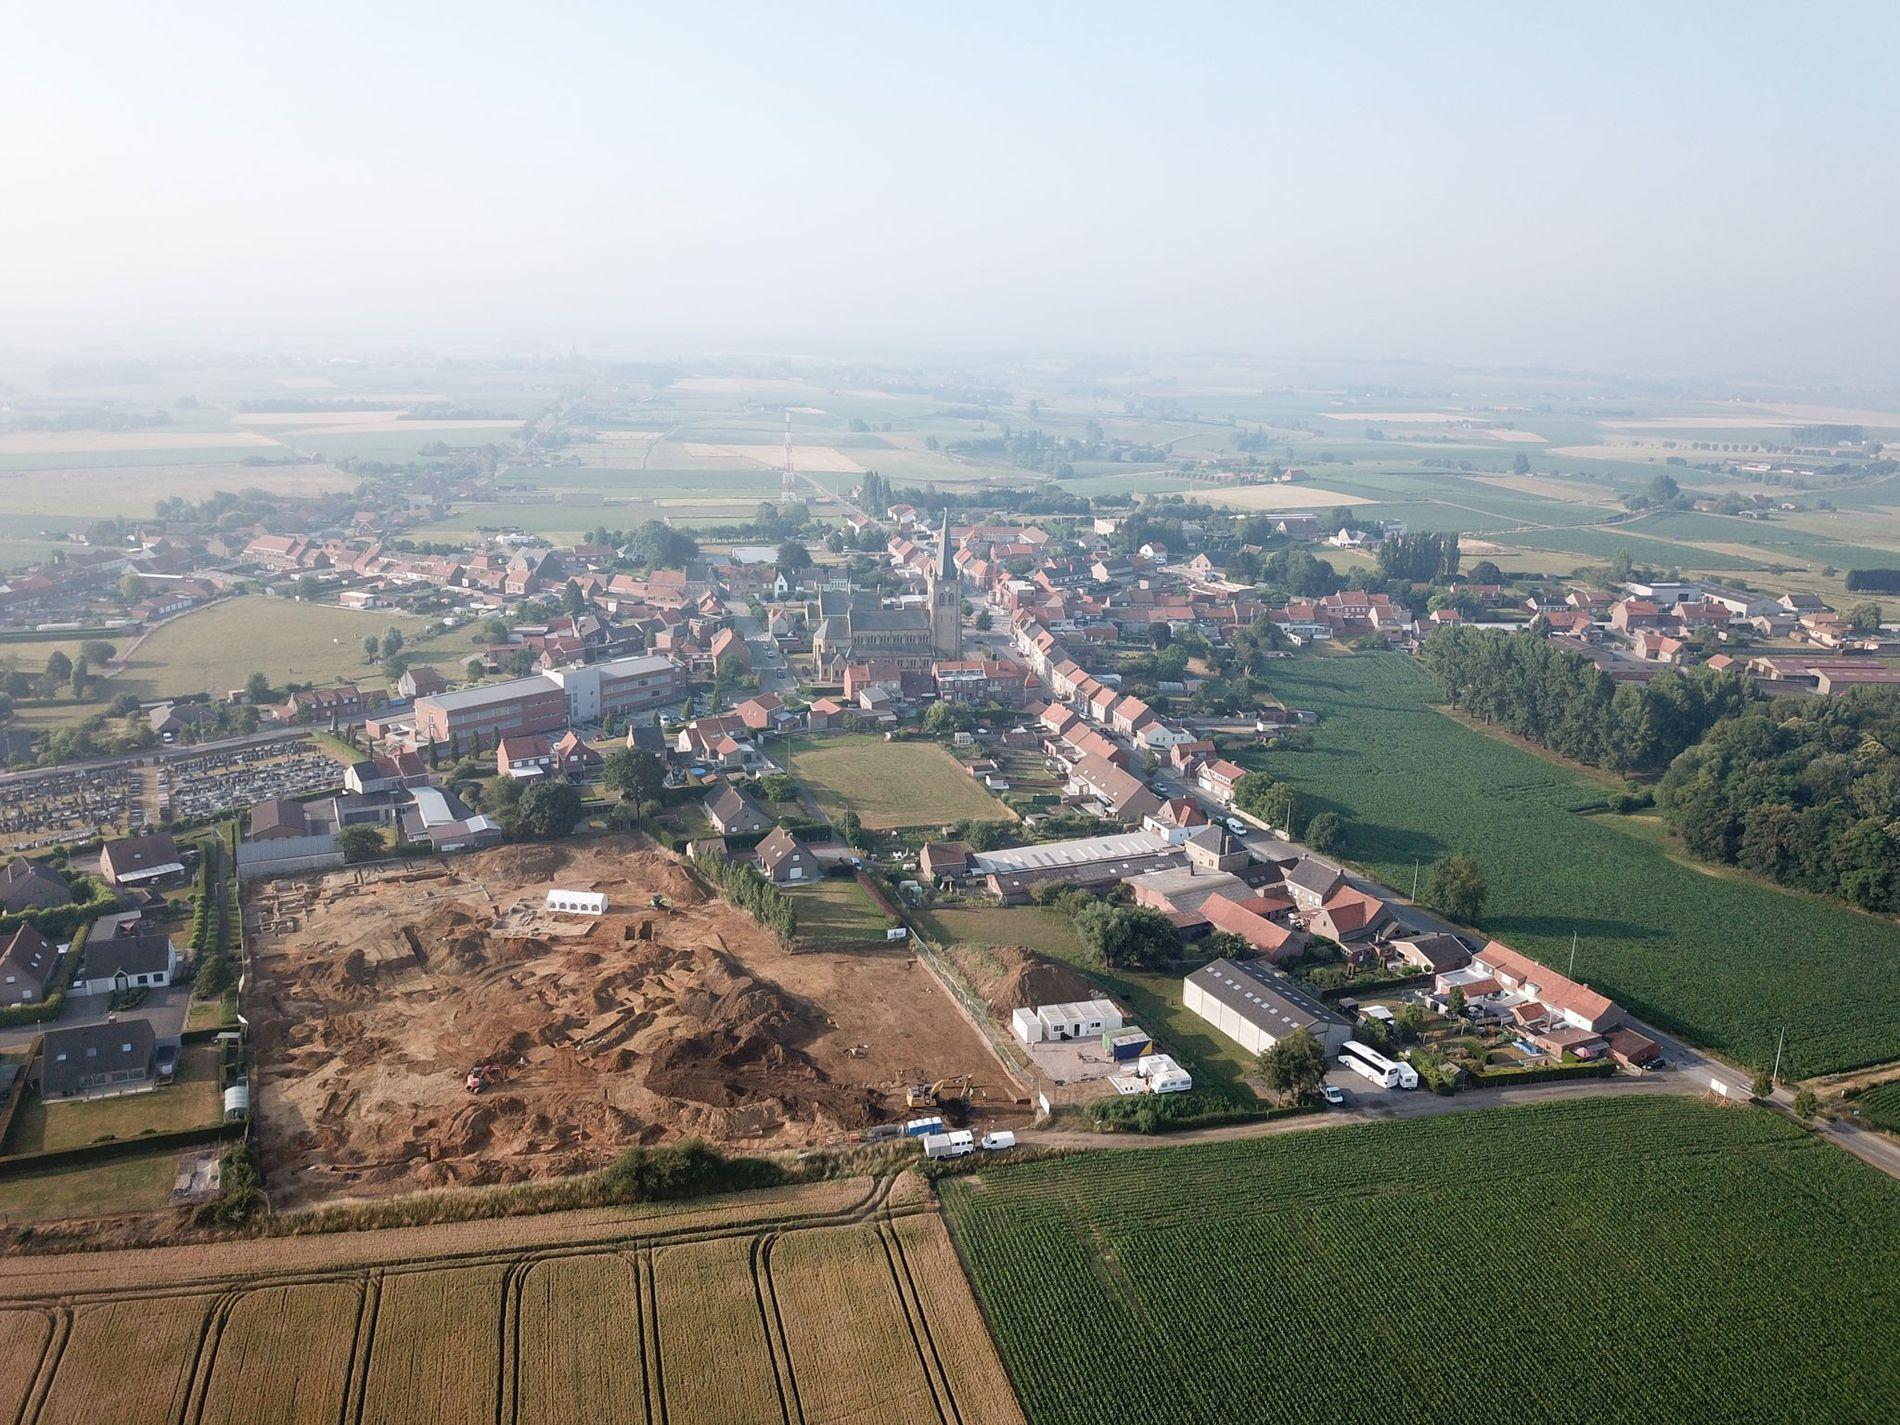 Una imagen aérea del lugar de excavación del proyecto Dig Hill 80 con la ciudad de ...